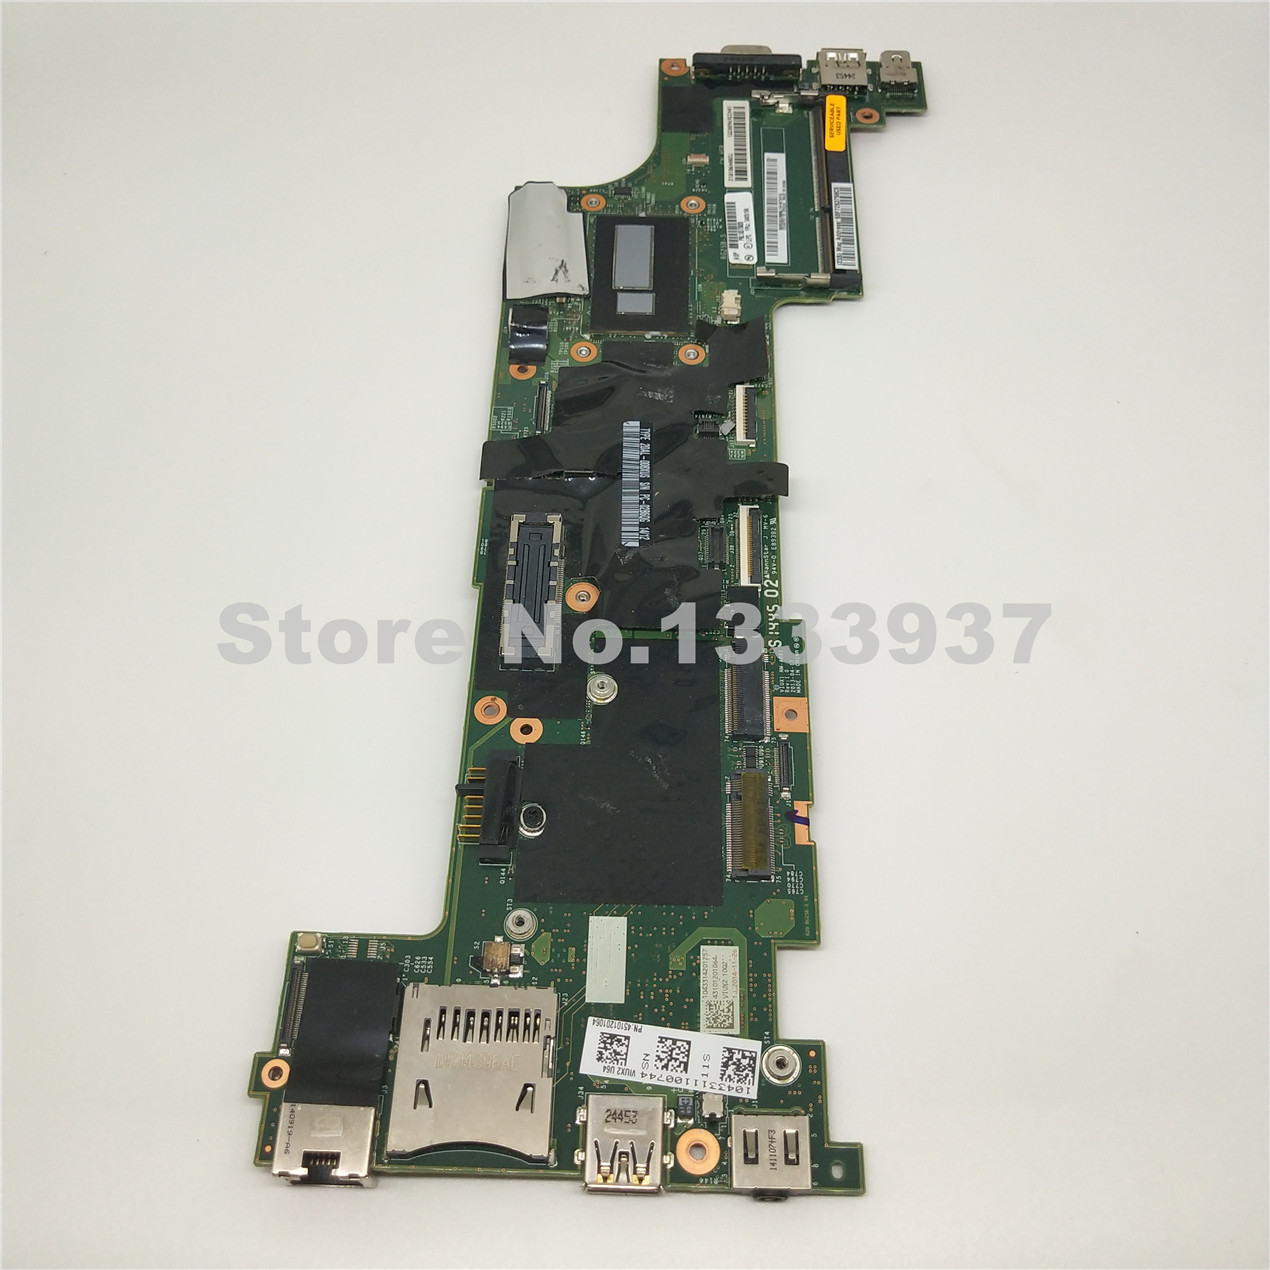 04x5158 Mainboard Für Lenovo Thinkpad X240 Laptop Motherboard Mit I5-4200u Reich Und PräChtig